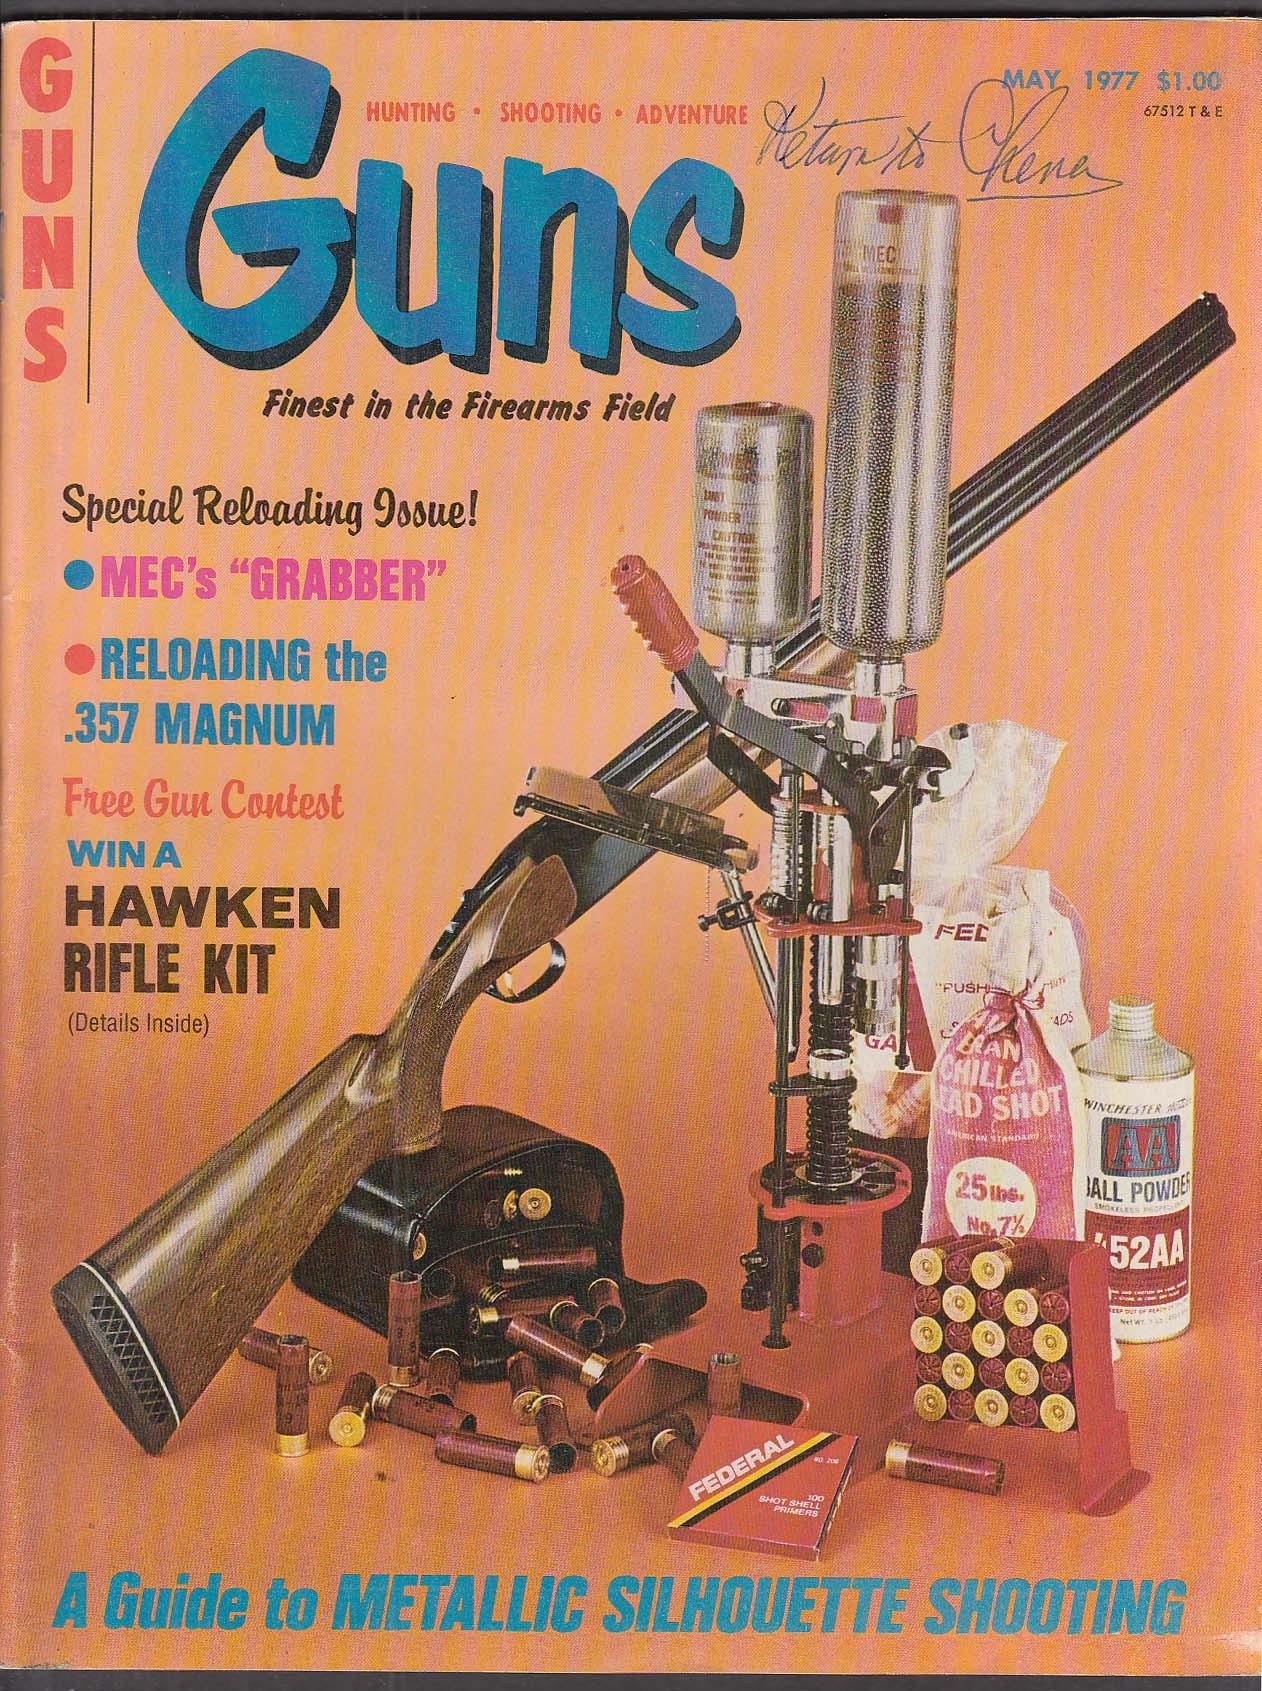 GUNS Savage 2400 O/U Silueta Mettalica Gabilondo / Llama Steger ++ 5 1977